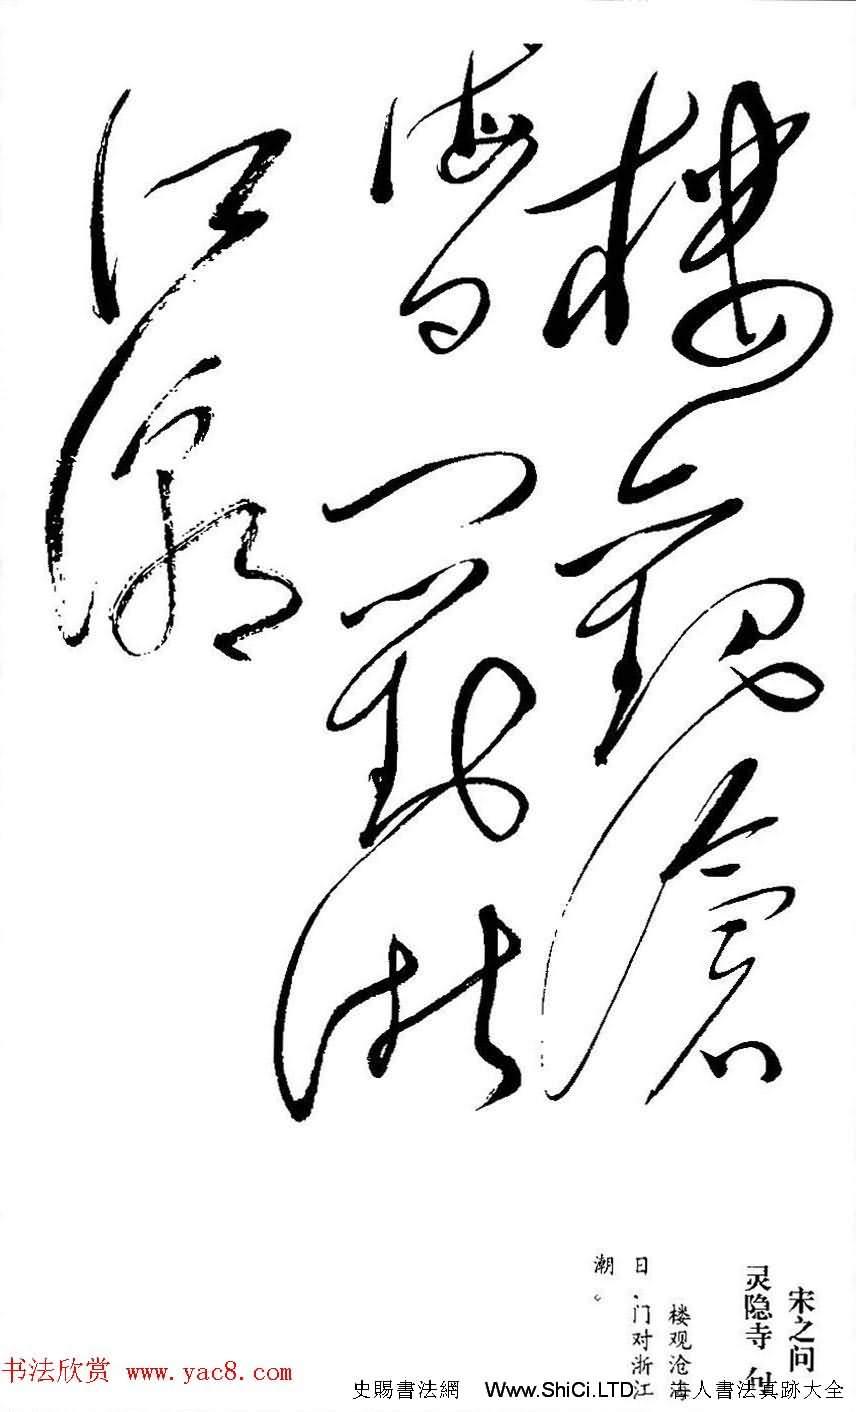 毛澤東書法墨跡真跡欣賞《古詩詞句》(共6張圖片)